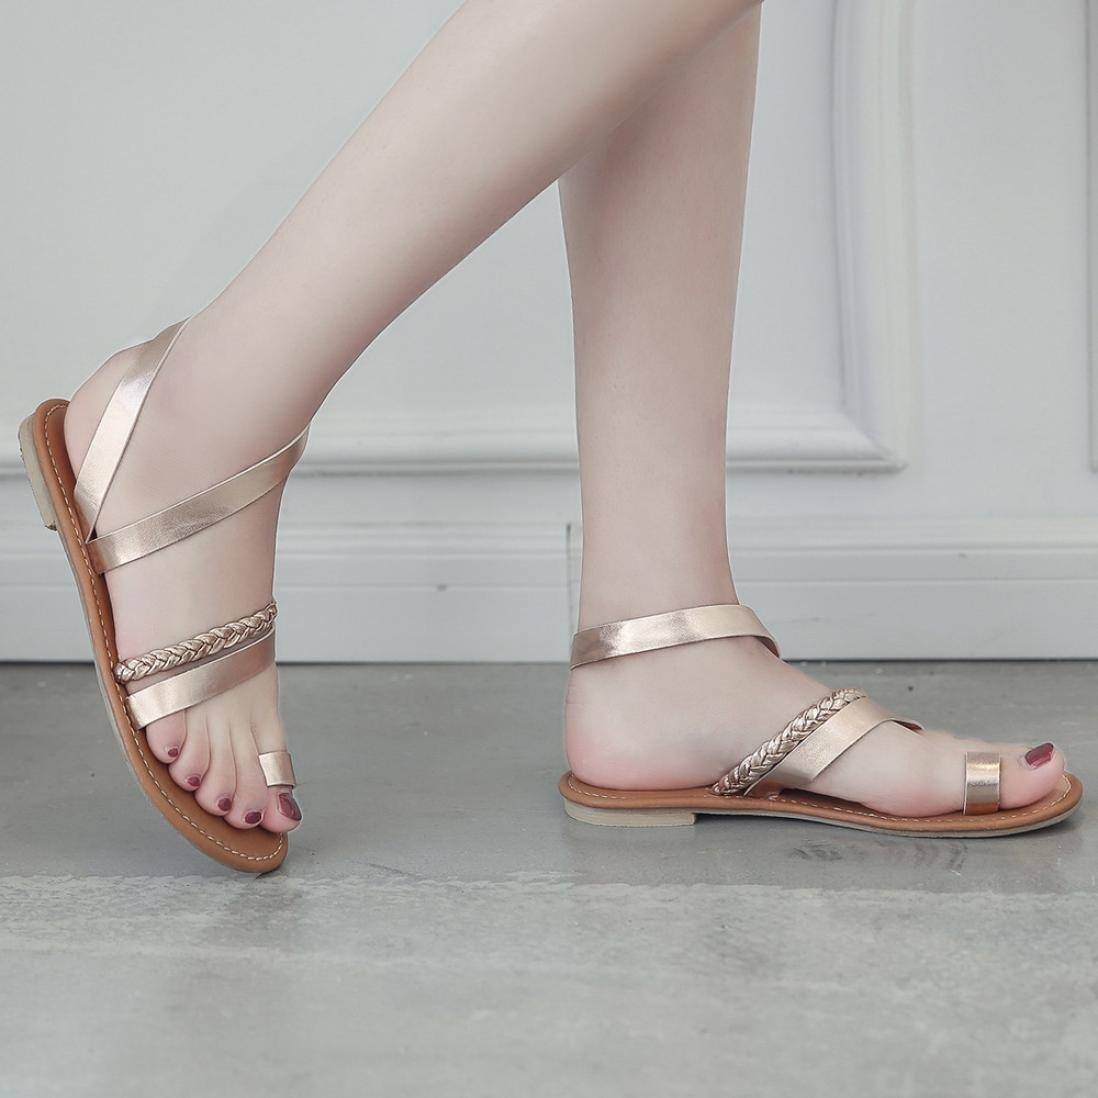 Witsaye Donna Estate Scarpe Col Tacco Stiletto Stiletto Stiletto Elegante Cinturino Caviglia Tacco Alto Pompe Partito Sandali Con LacciRose Gold fb3133